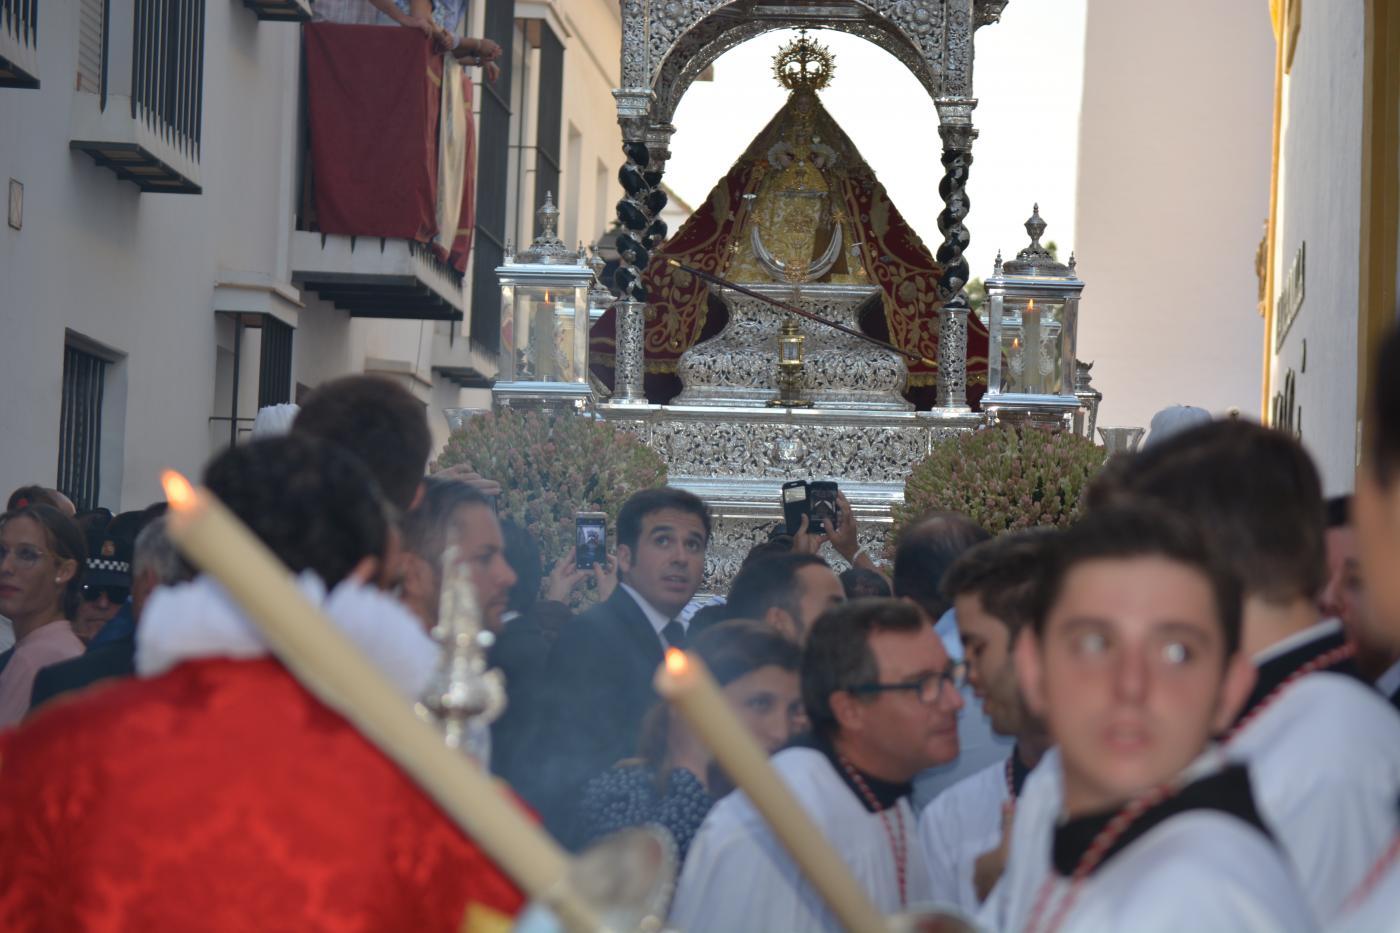 Sanlúcar Celebra Hoy La Festividad De La Virgen De La Caridad Andalucía Información Todas Las Noticias De Sanlúcar